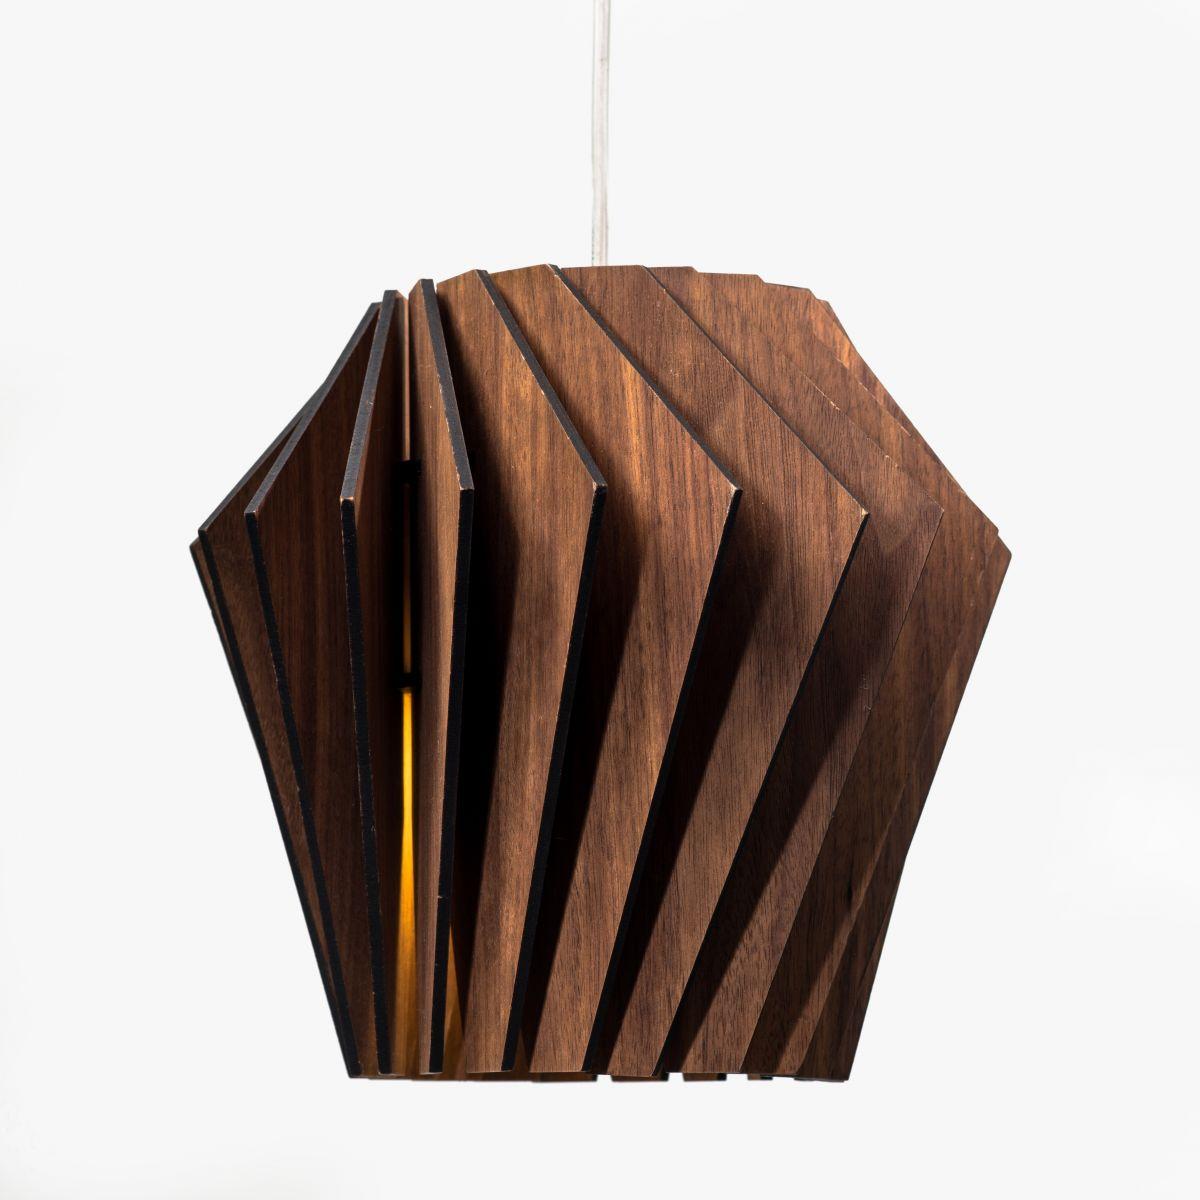 Турболампа из ореха, средняя (подвесной/настольный светильник)